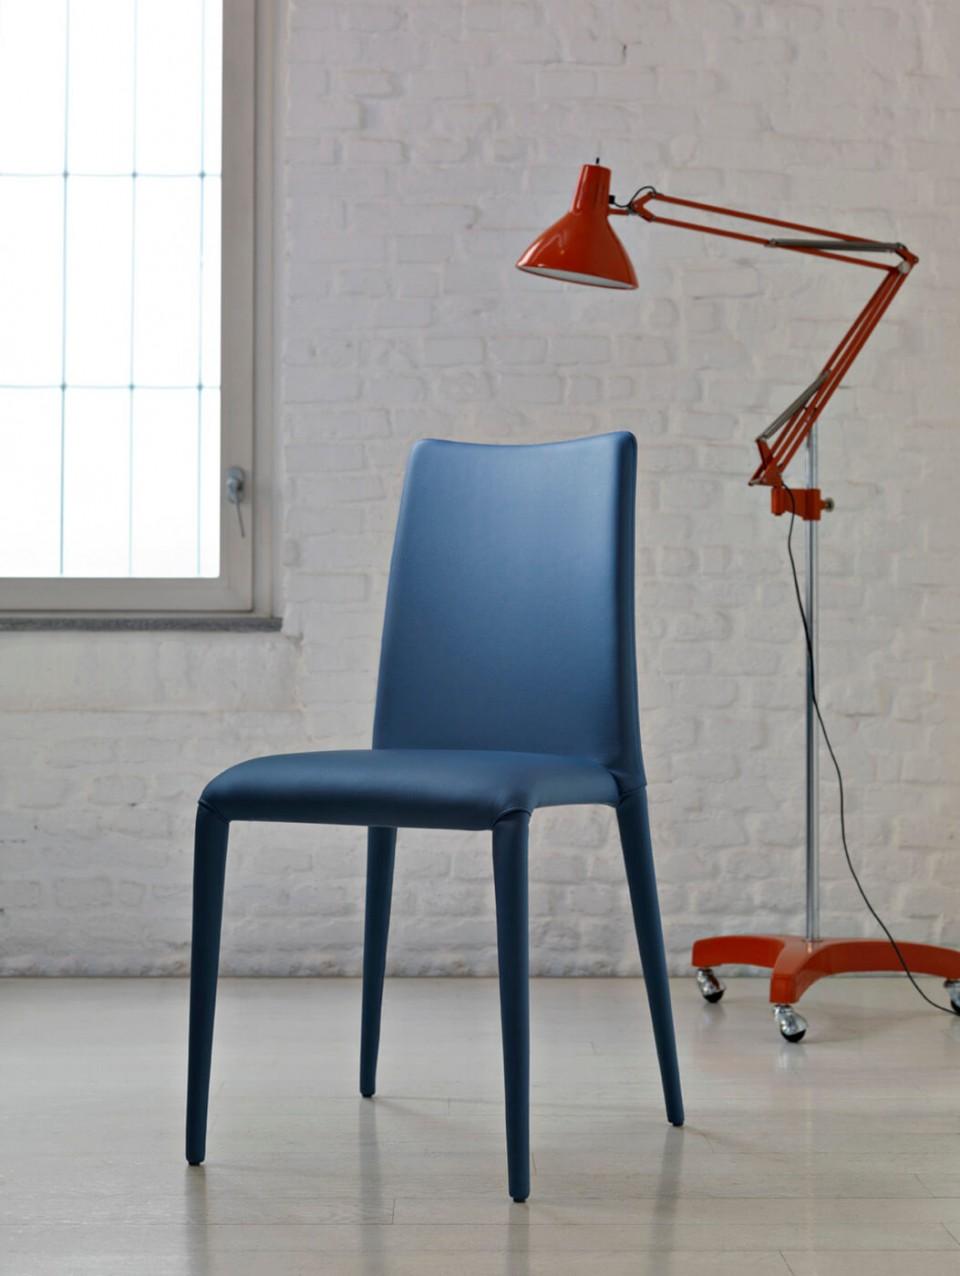 Chaise King avec base et assise rembourrée en cuir bleu